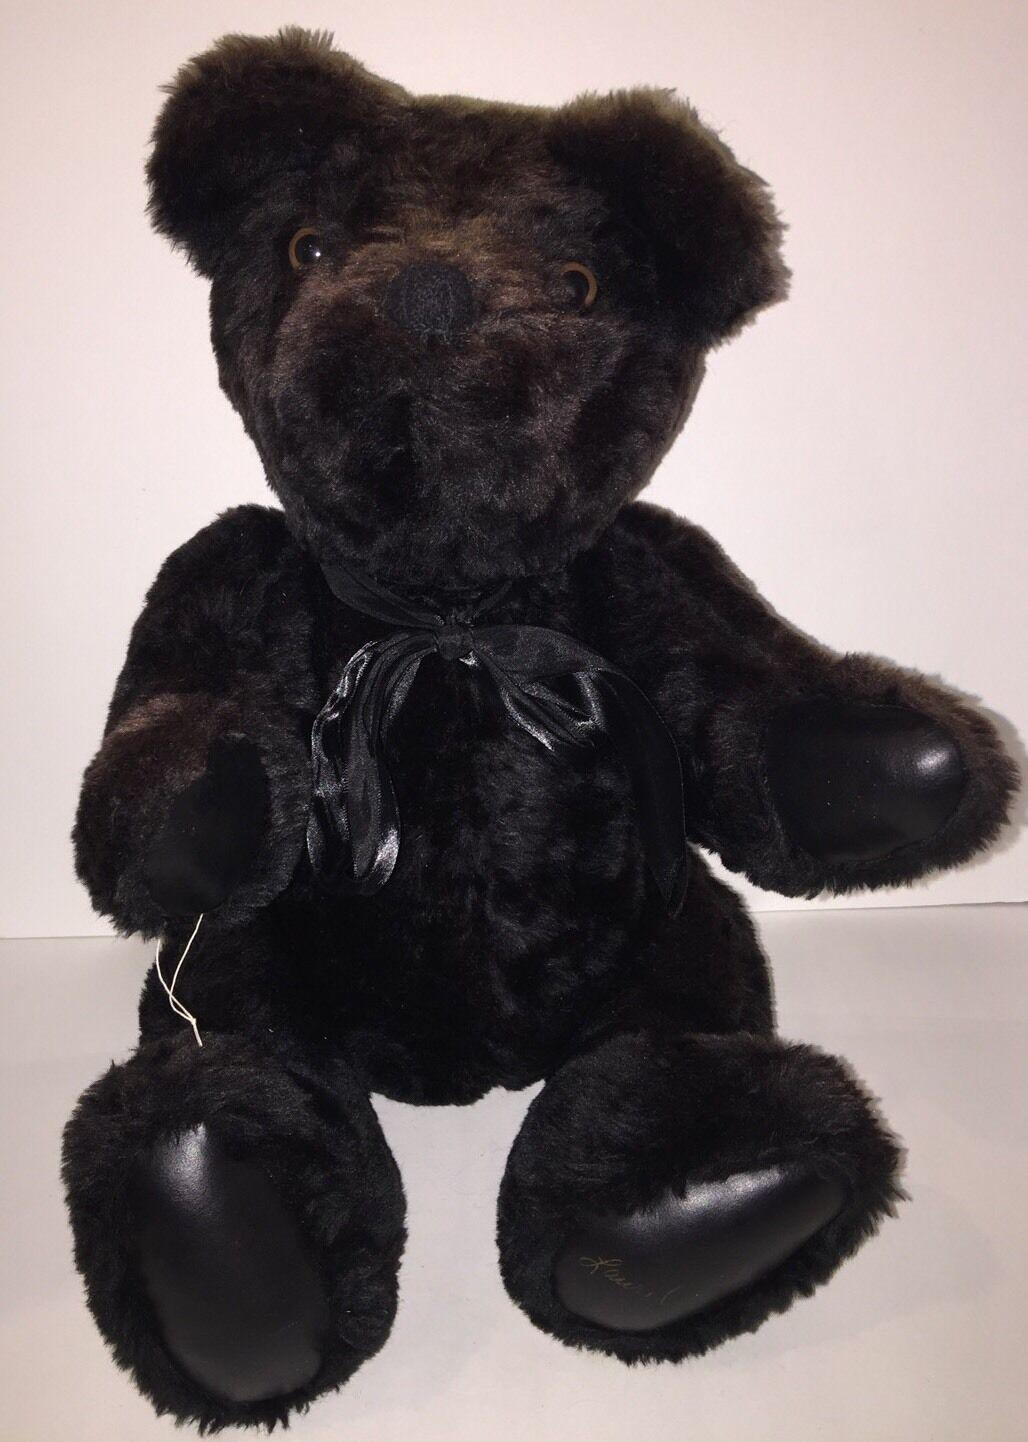 Vintage Laurel Jointed Handmade Teddy Bear - Signed - Dark Marronee - Dated 1984